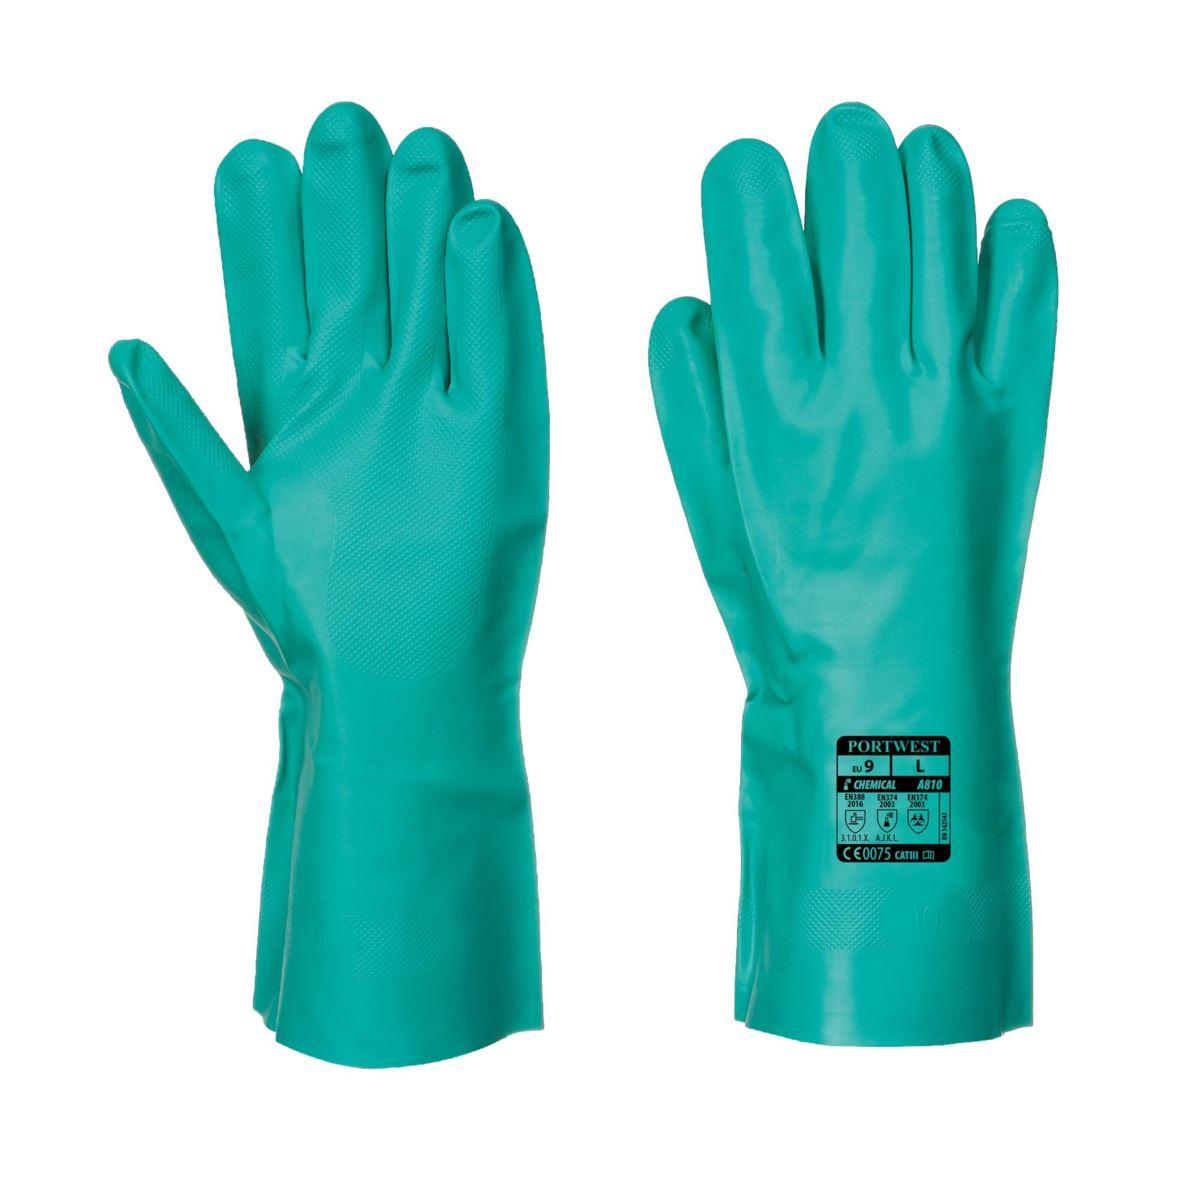 Rękawice chemiczne PORTWEST NITROSAFE A810 r. S-2XL